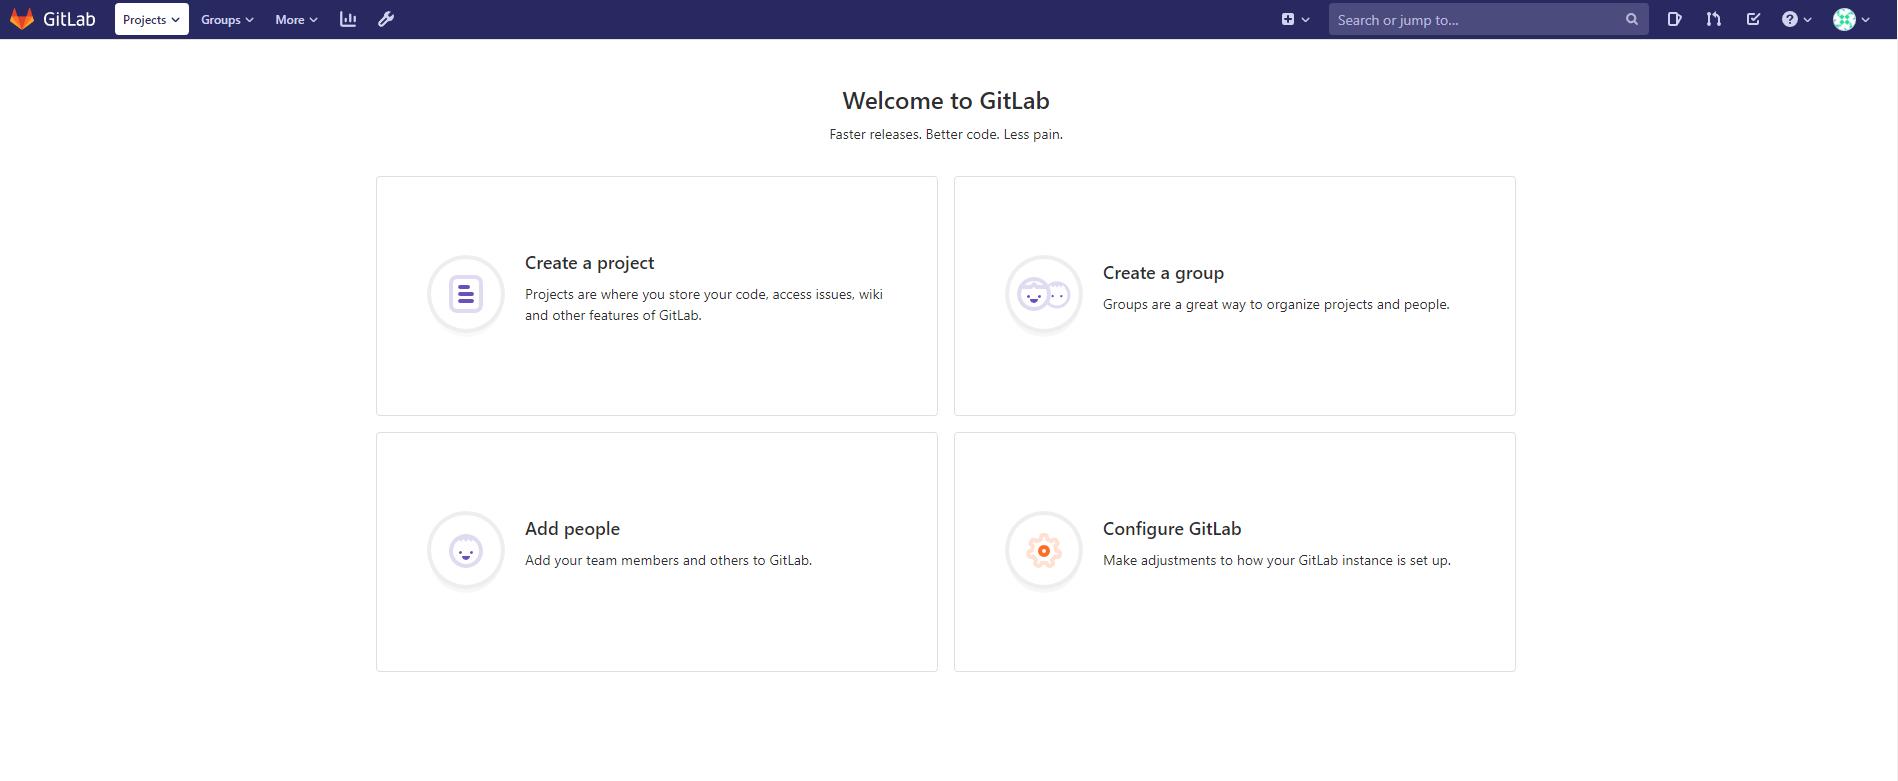 如何在Centos8中安装GitLab-CE如何在Centos8中安装GitLab-CE